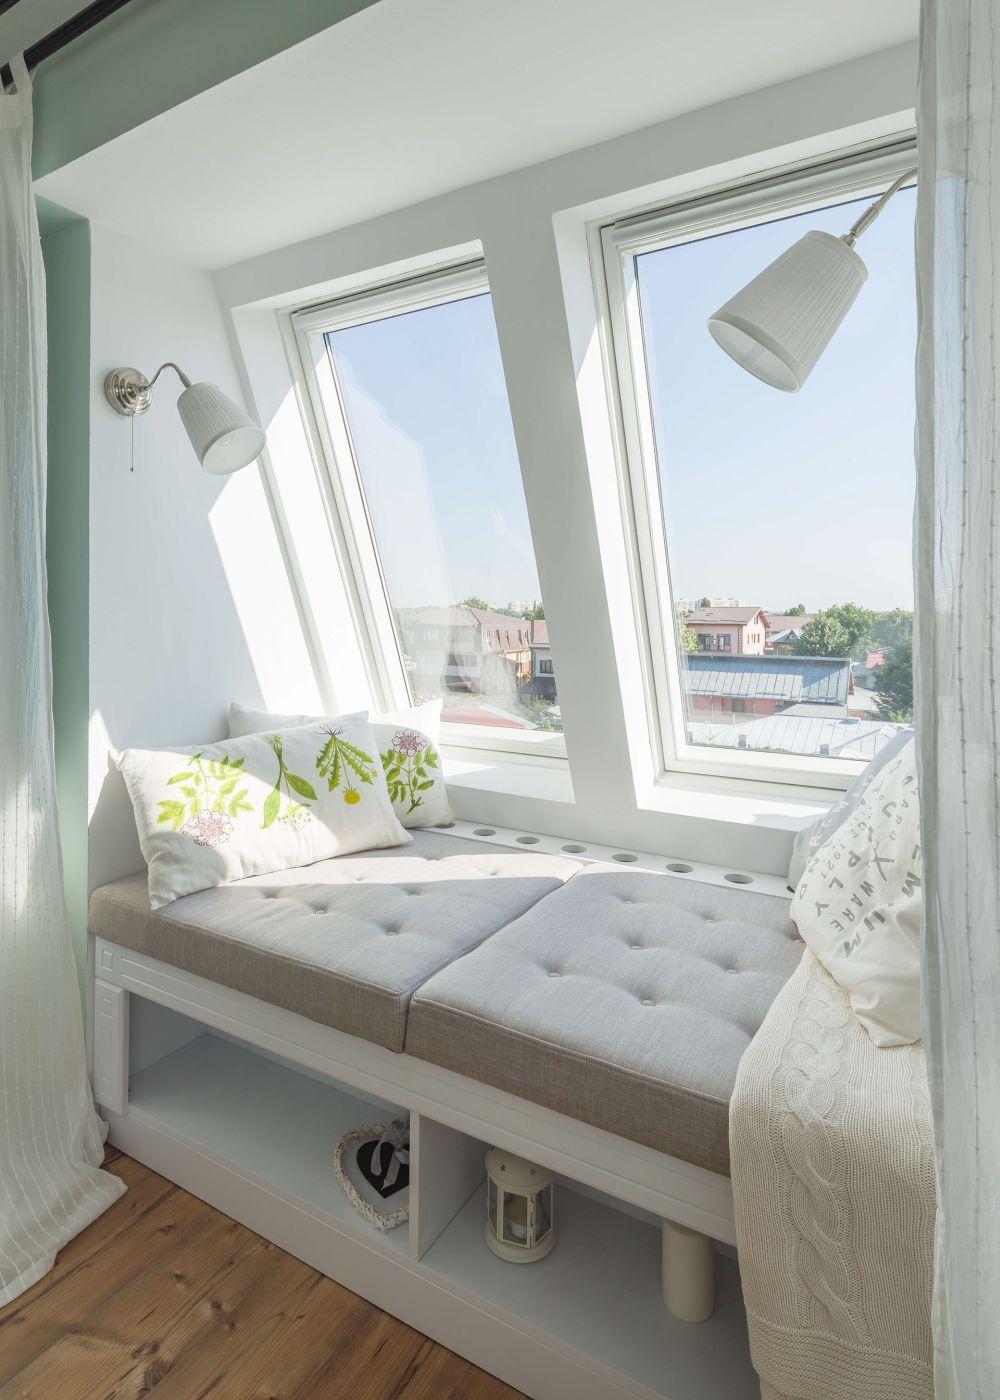 Din 2 camere au obținut 3, cu ajutorul arhitectei Patricia Laslau   Adela Pârvu - Interior design blogger